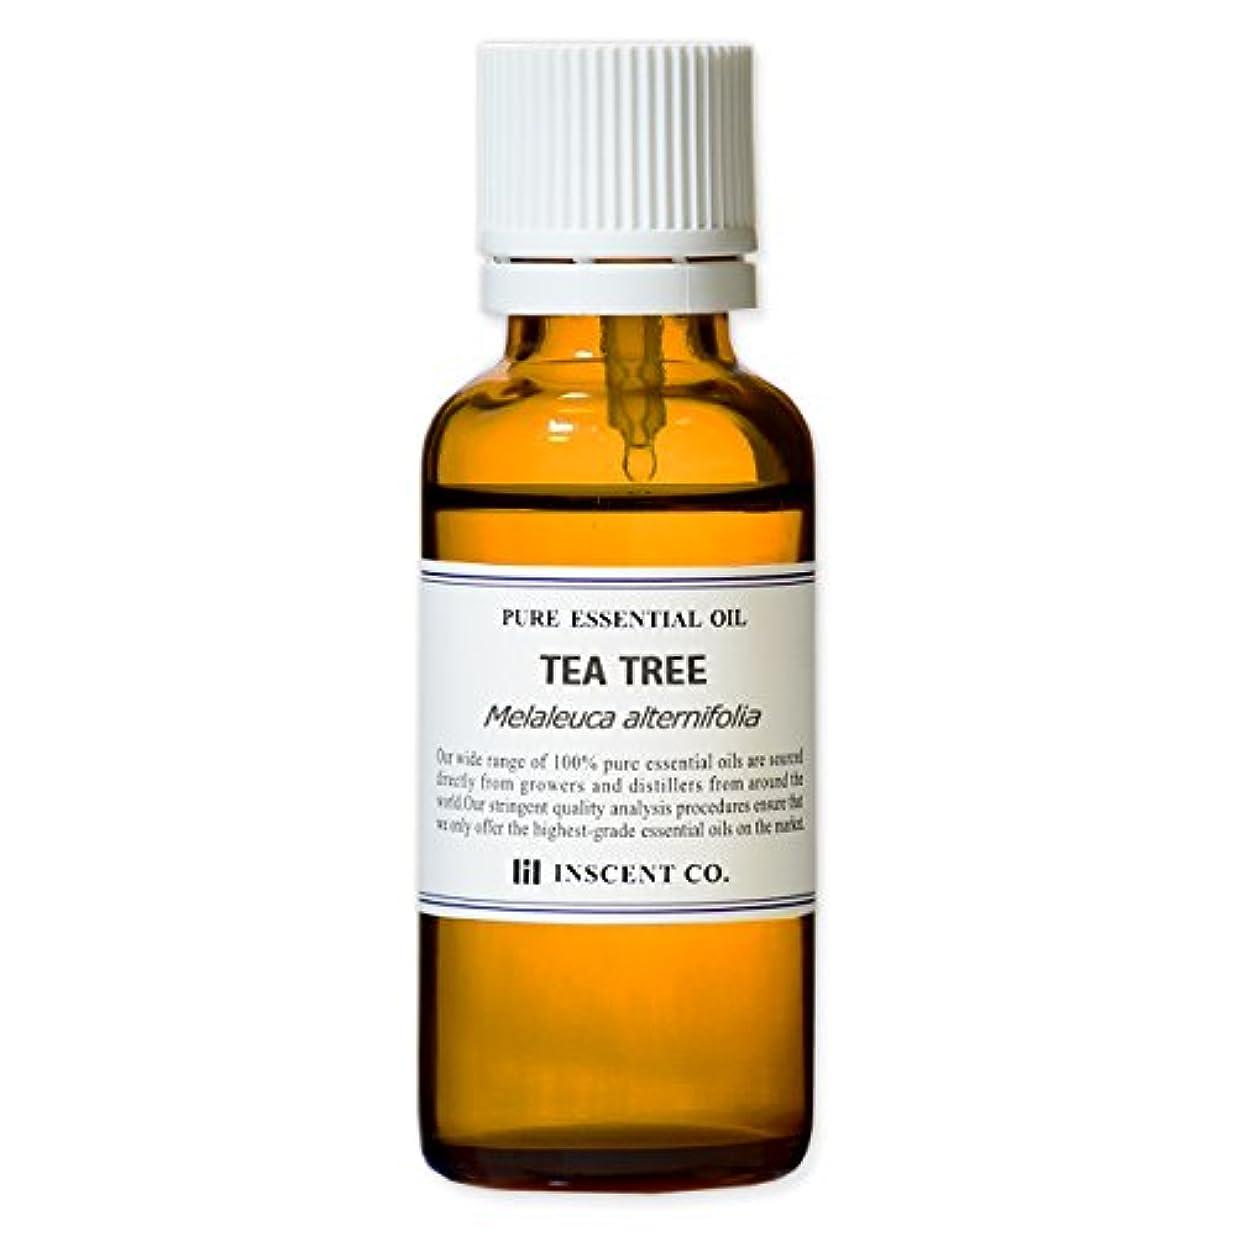 法律ユーザー利益ティートリー 30ml インセント アロマオイル ティートゥリー AEAJ 表示基準適合認定精油